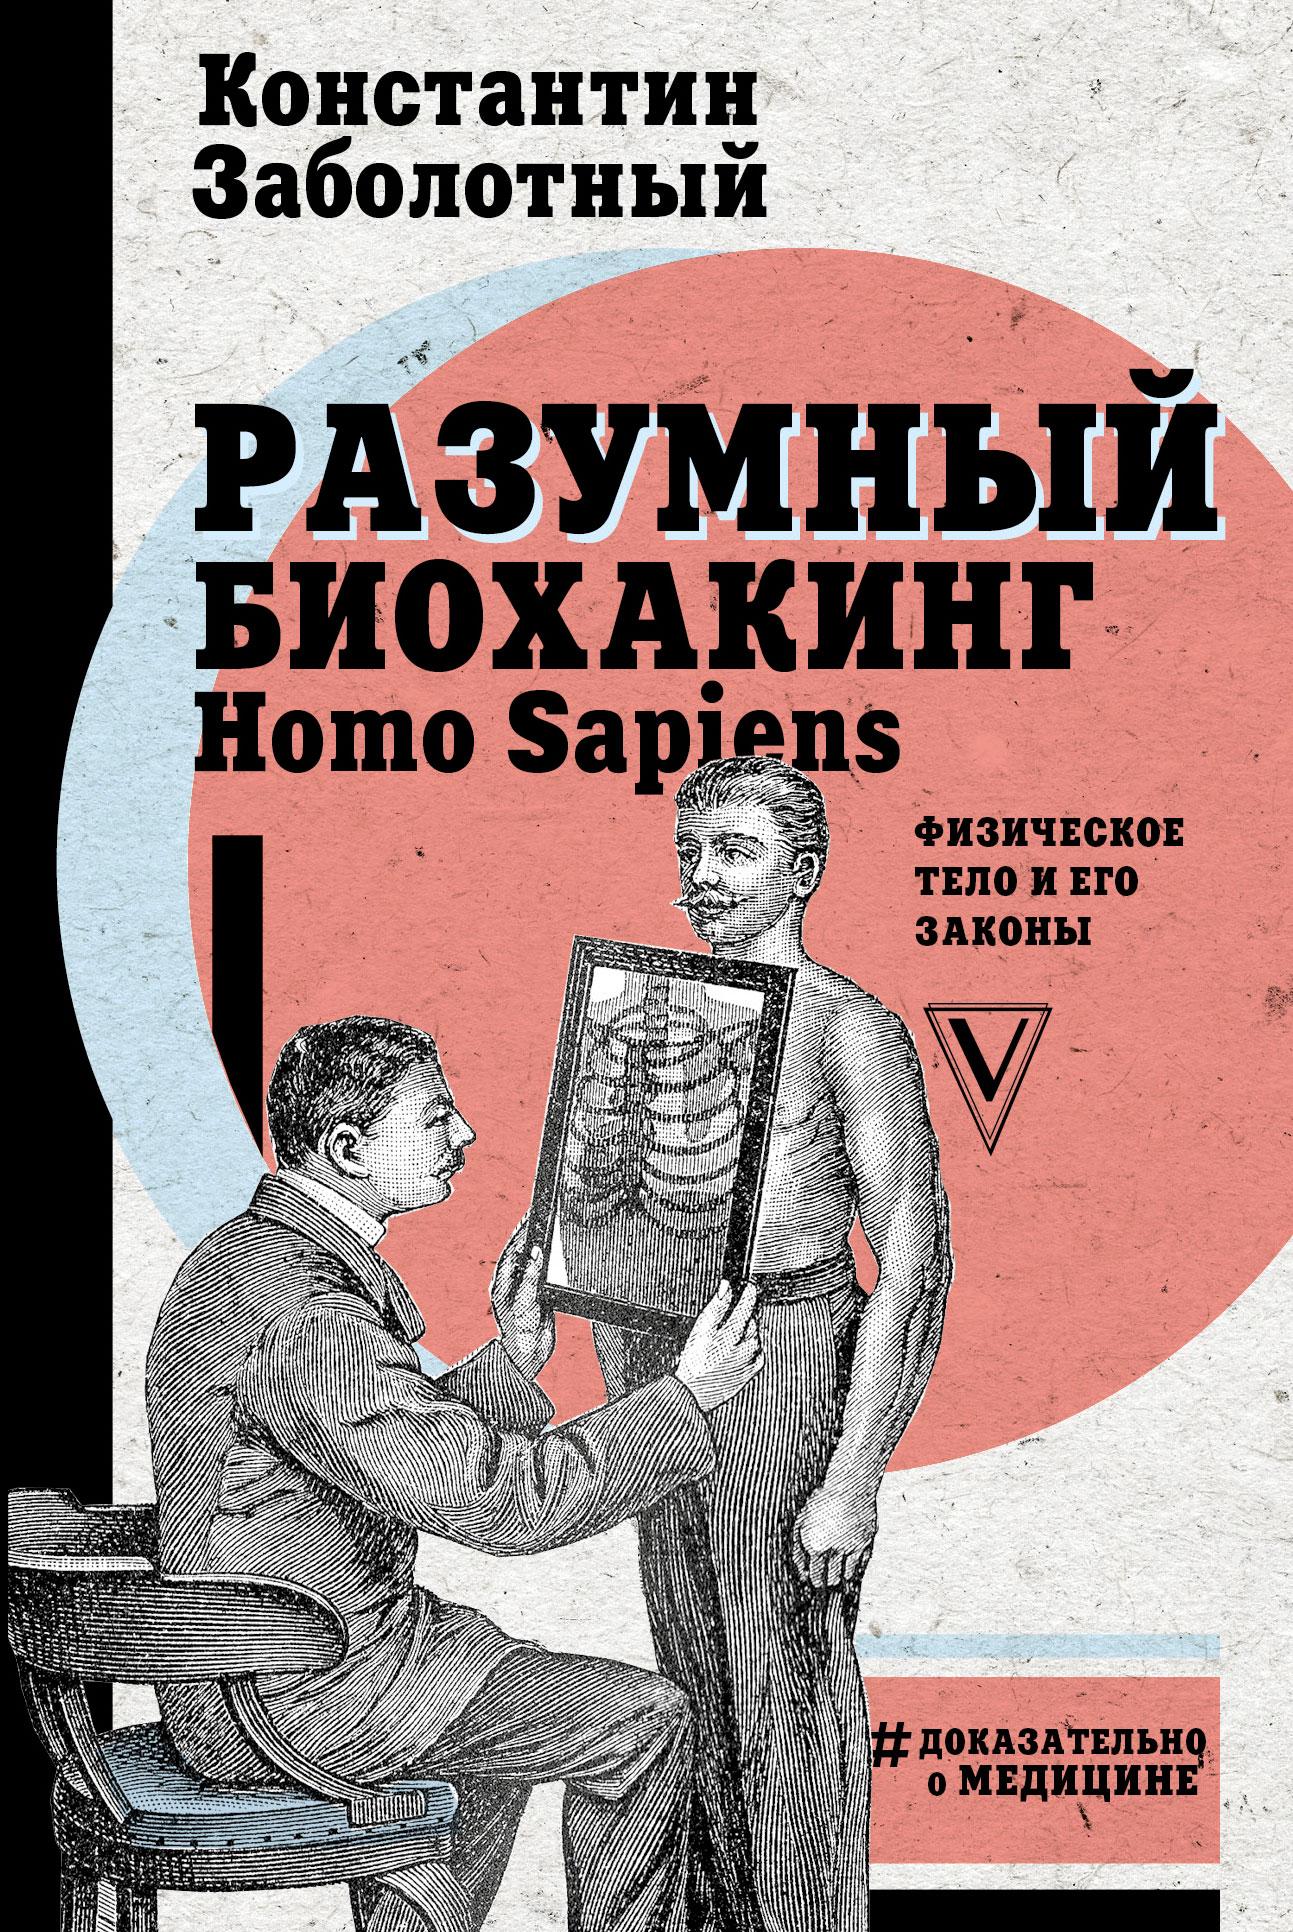 Разумный биохакинг Homo Sapiens: физическое тело и его законы ( Заболотный Константин Борисович  )